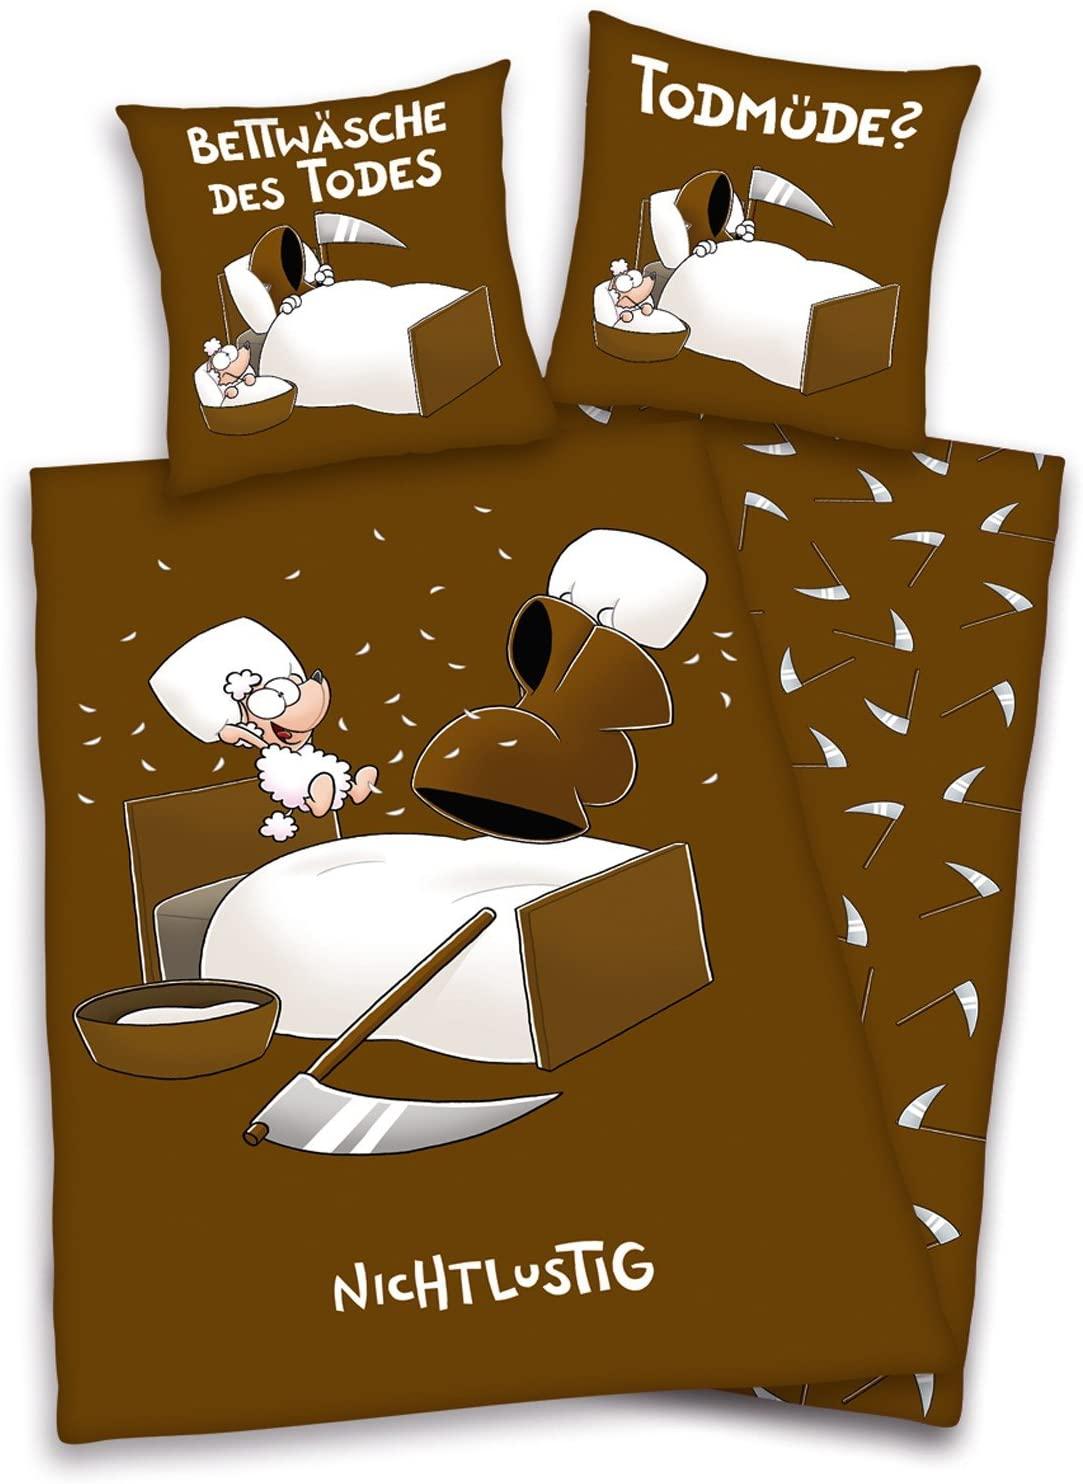 Full Size of Bettwäsche Lustige Sprüche Nicht Lustig Bettwsche Braun 34 80x80 Cm 135x200 Amazon T Shirt Männer Wandtattoos Wandtattoo Junggesellinnenabschied Wohnzimmer Bettwäsche Lustige Sprüche